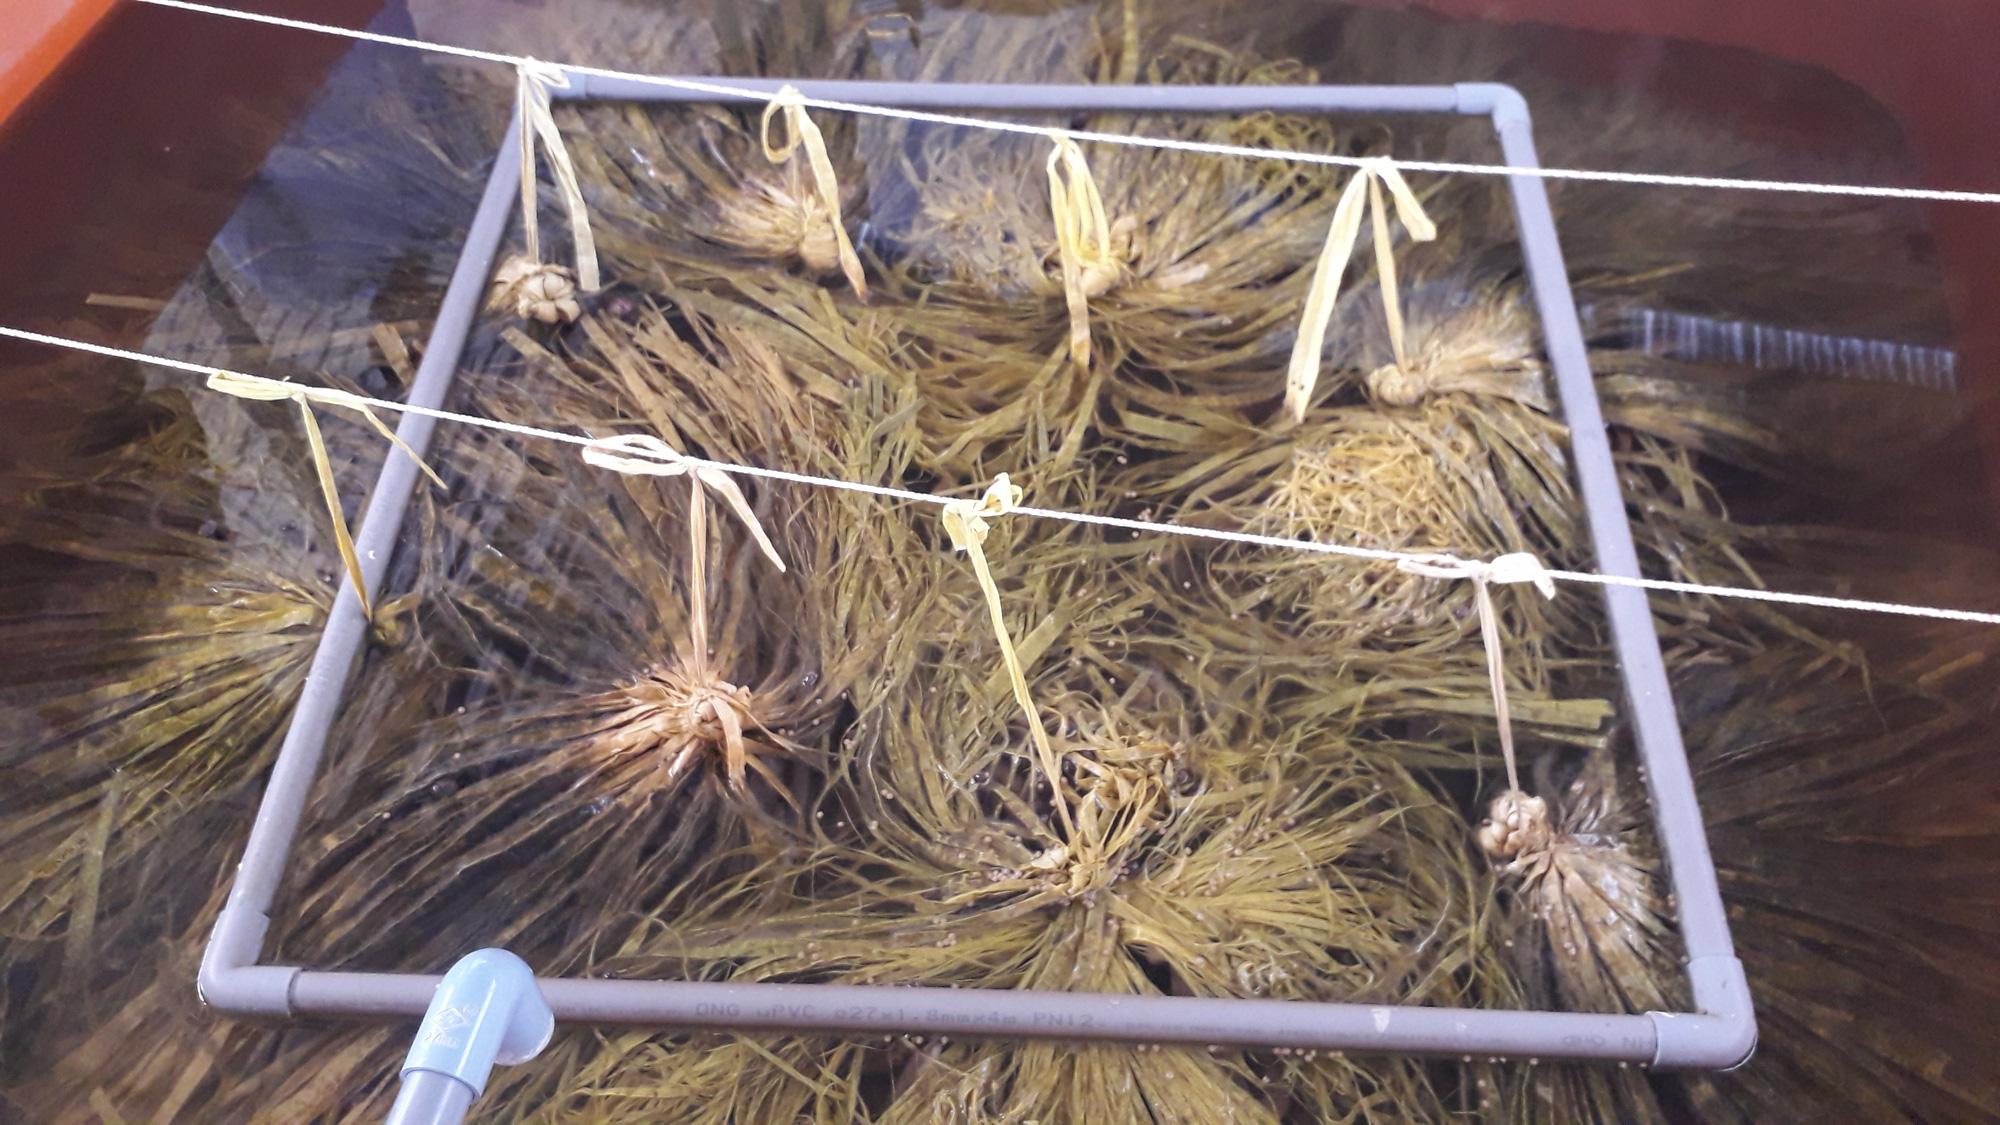 Trại nuôi lươn không bùn trên cạn lớn nhất tỉnh Bạc Liêu có gì độc đáo mà tấp nập người tìm đến xem? - Ảnh 3.